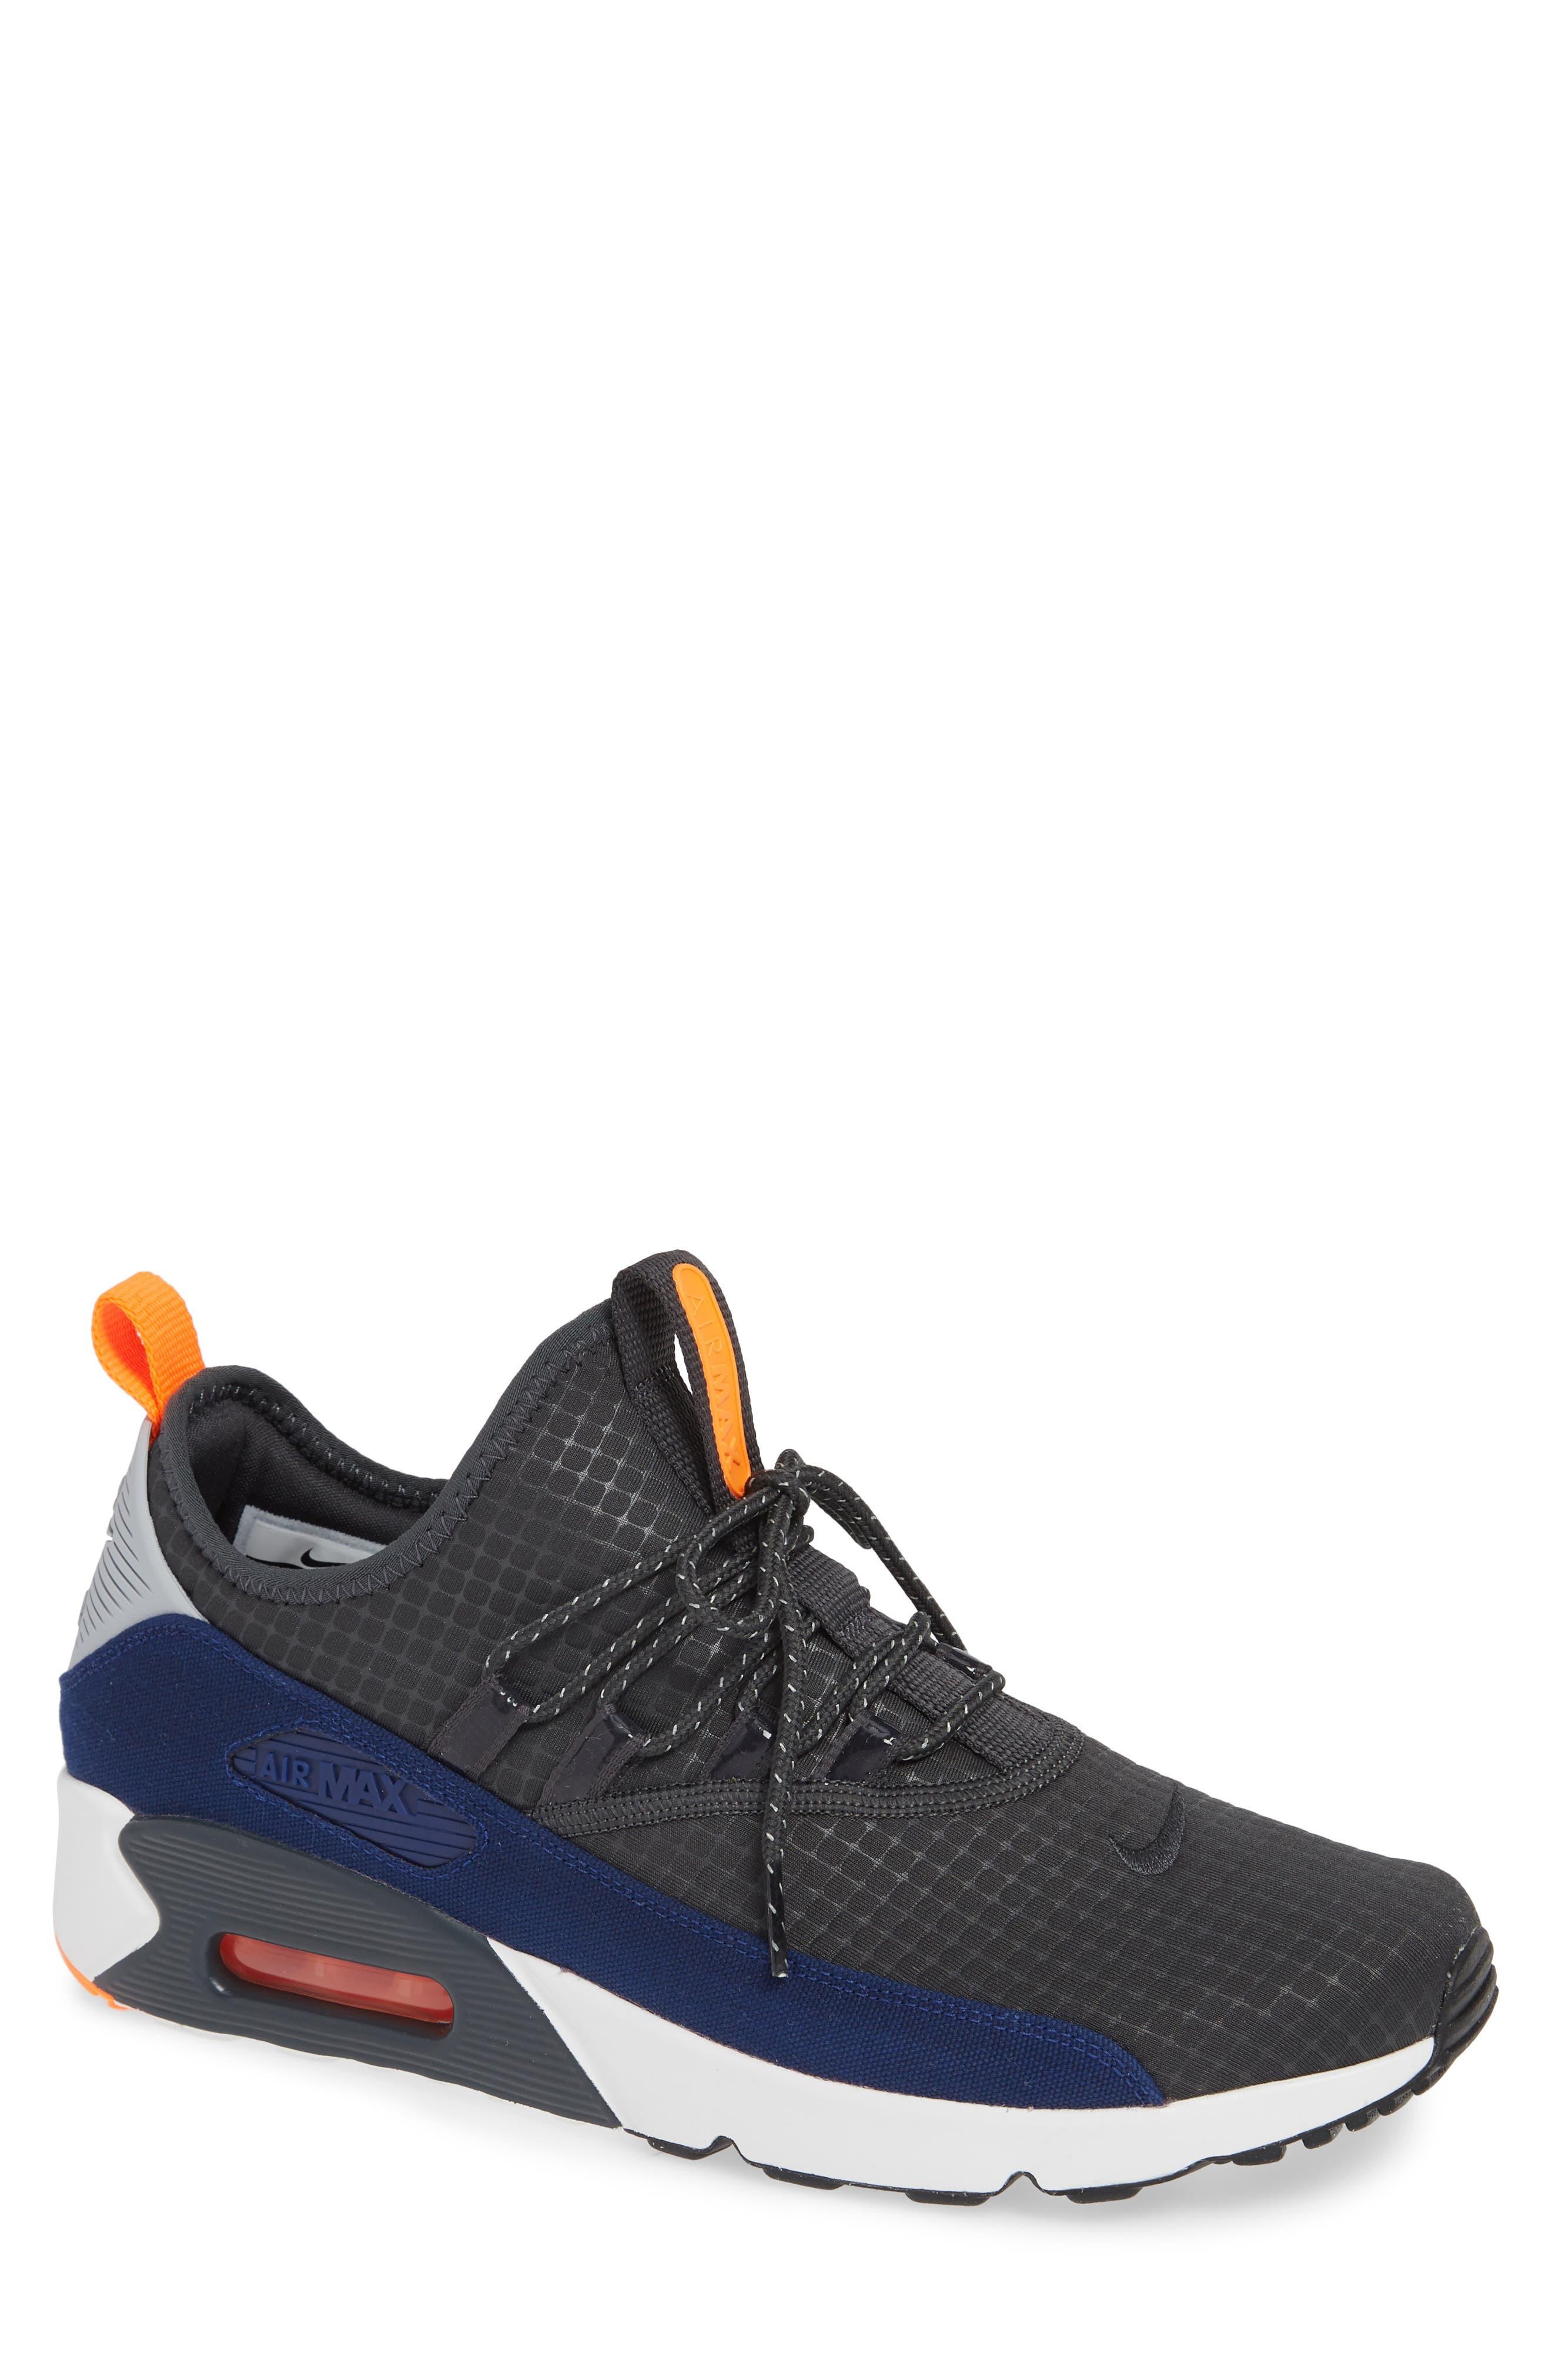 NIKE Air Max 90 EZ Sneaker, Main, color, 027